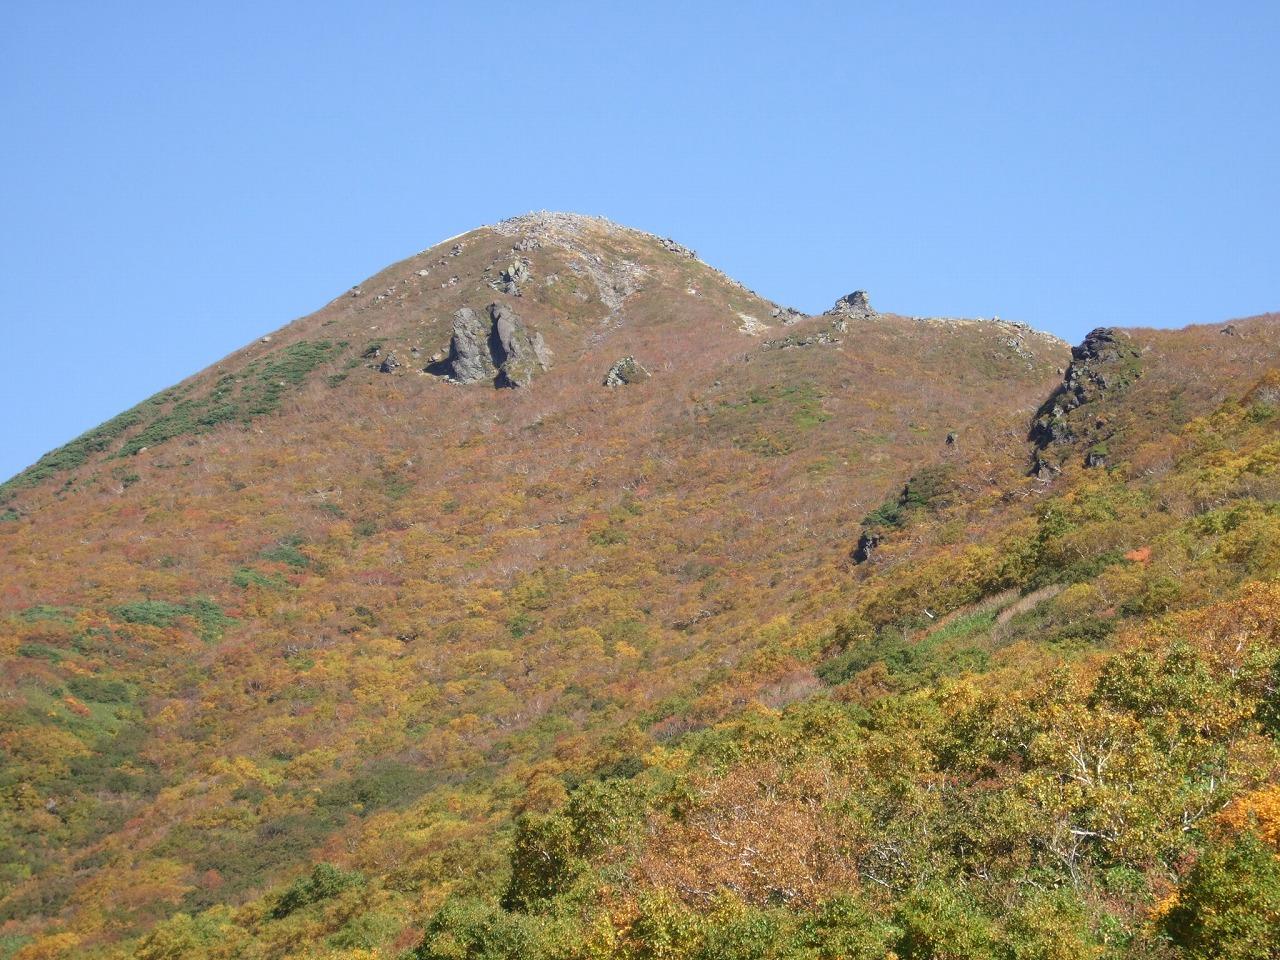 秋の八甲田山&岩木山登頂とマタギと歩く白神山地、不老ふ死温泉と酸ヶ湯温泉に泊まる4日間